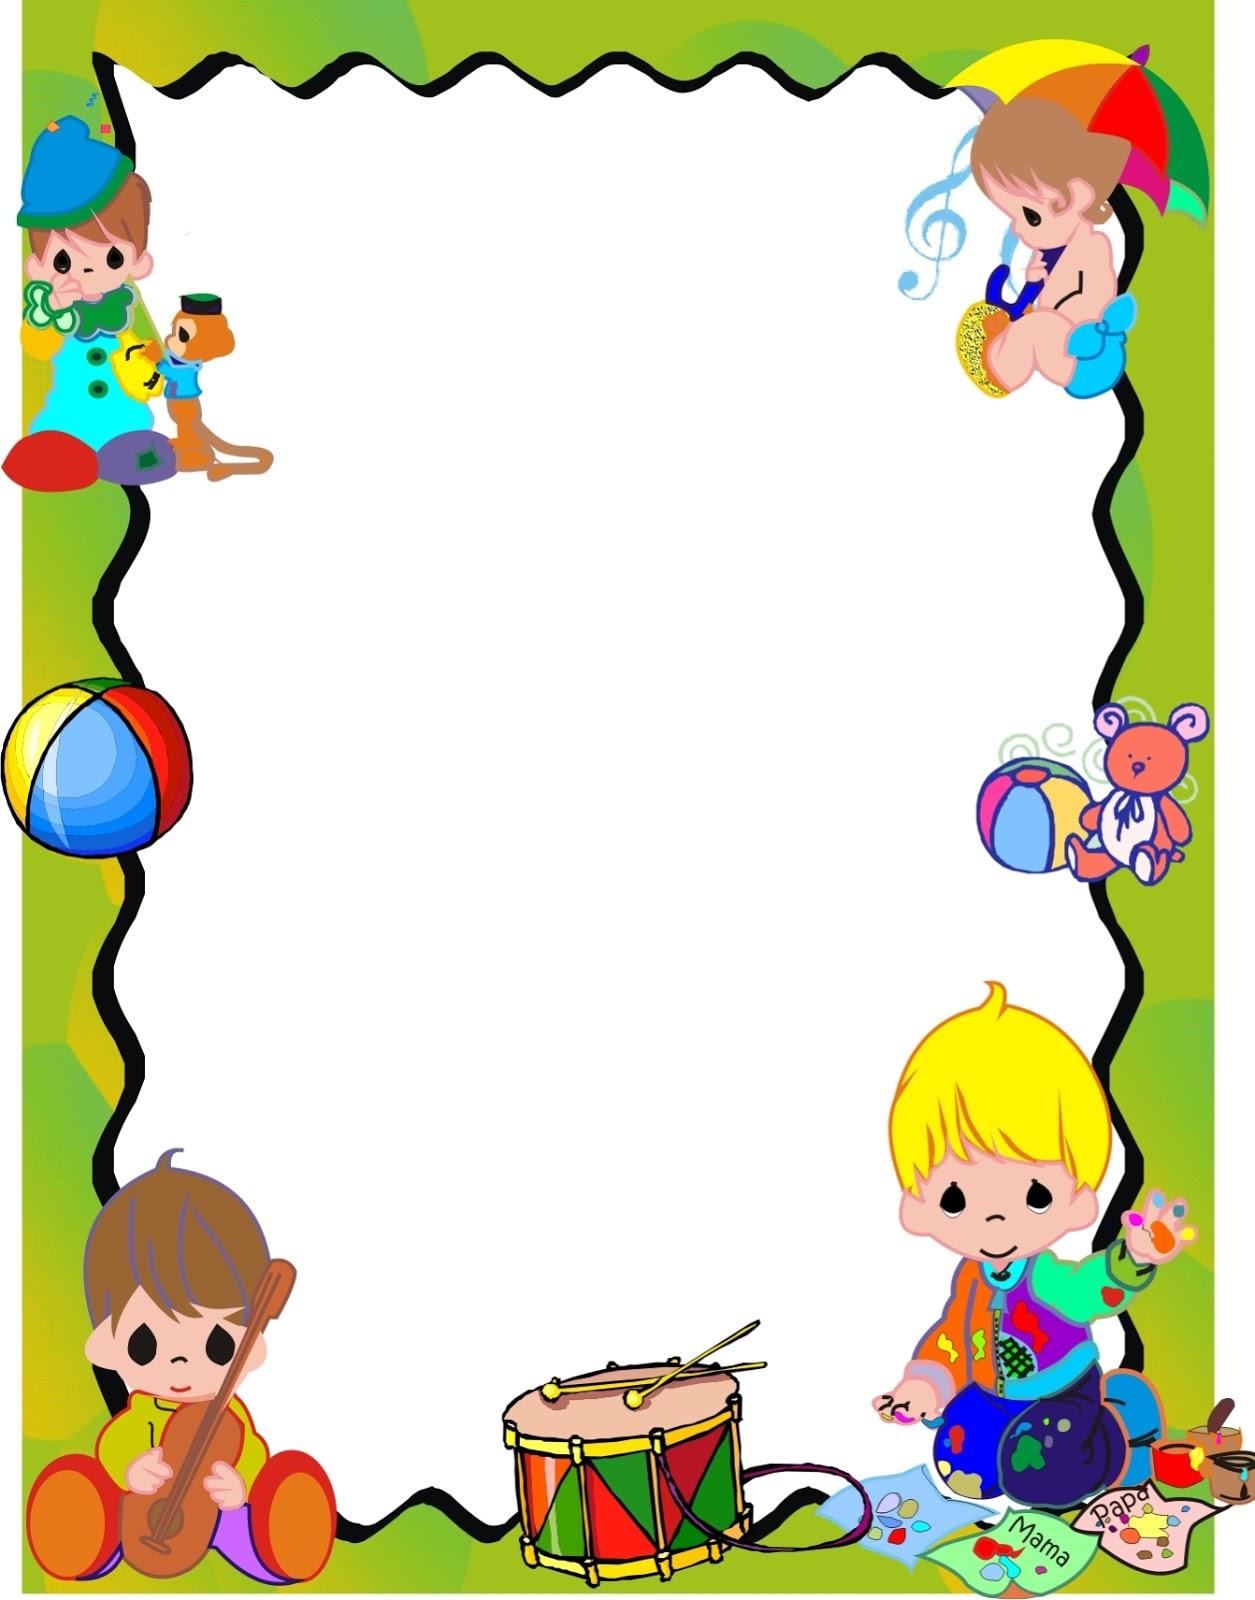 Marcos y bordes decorativos para niños - Imagui